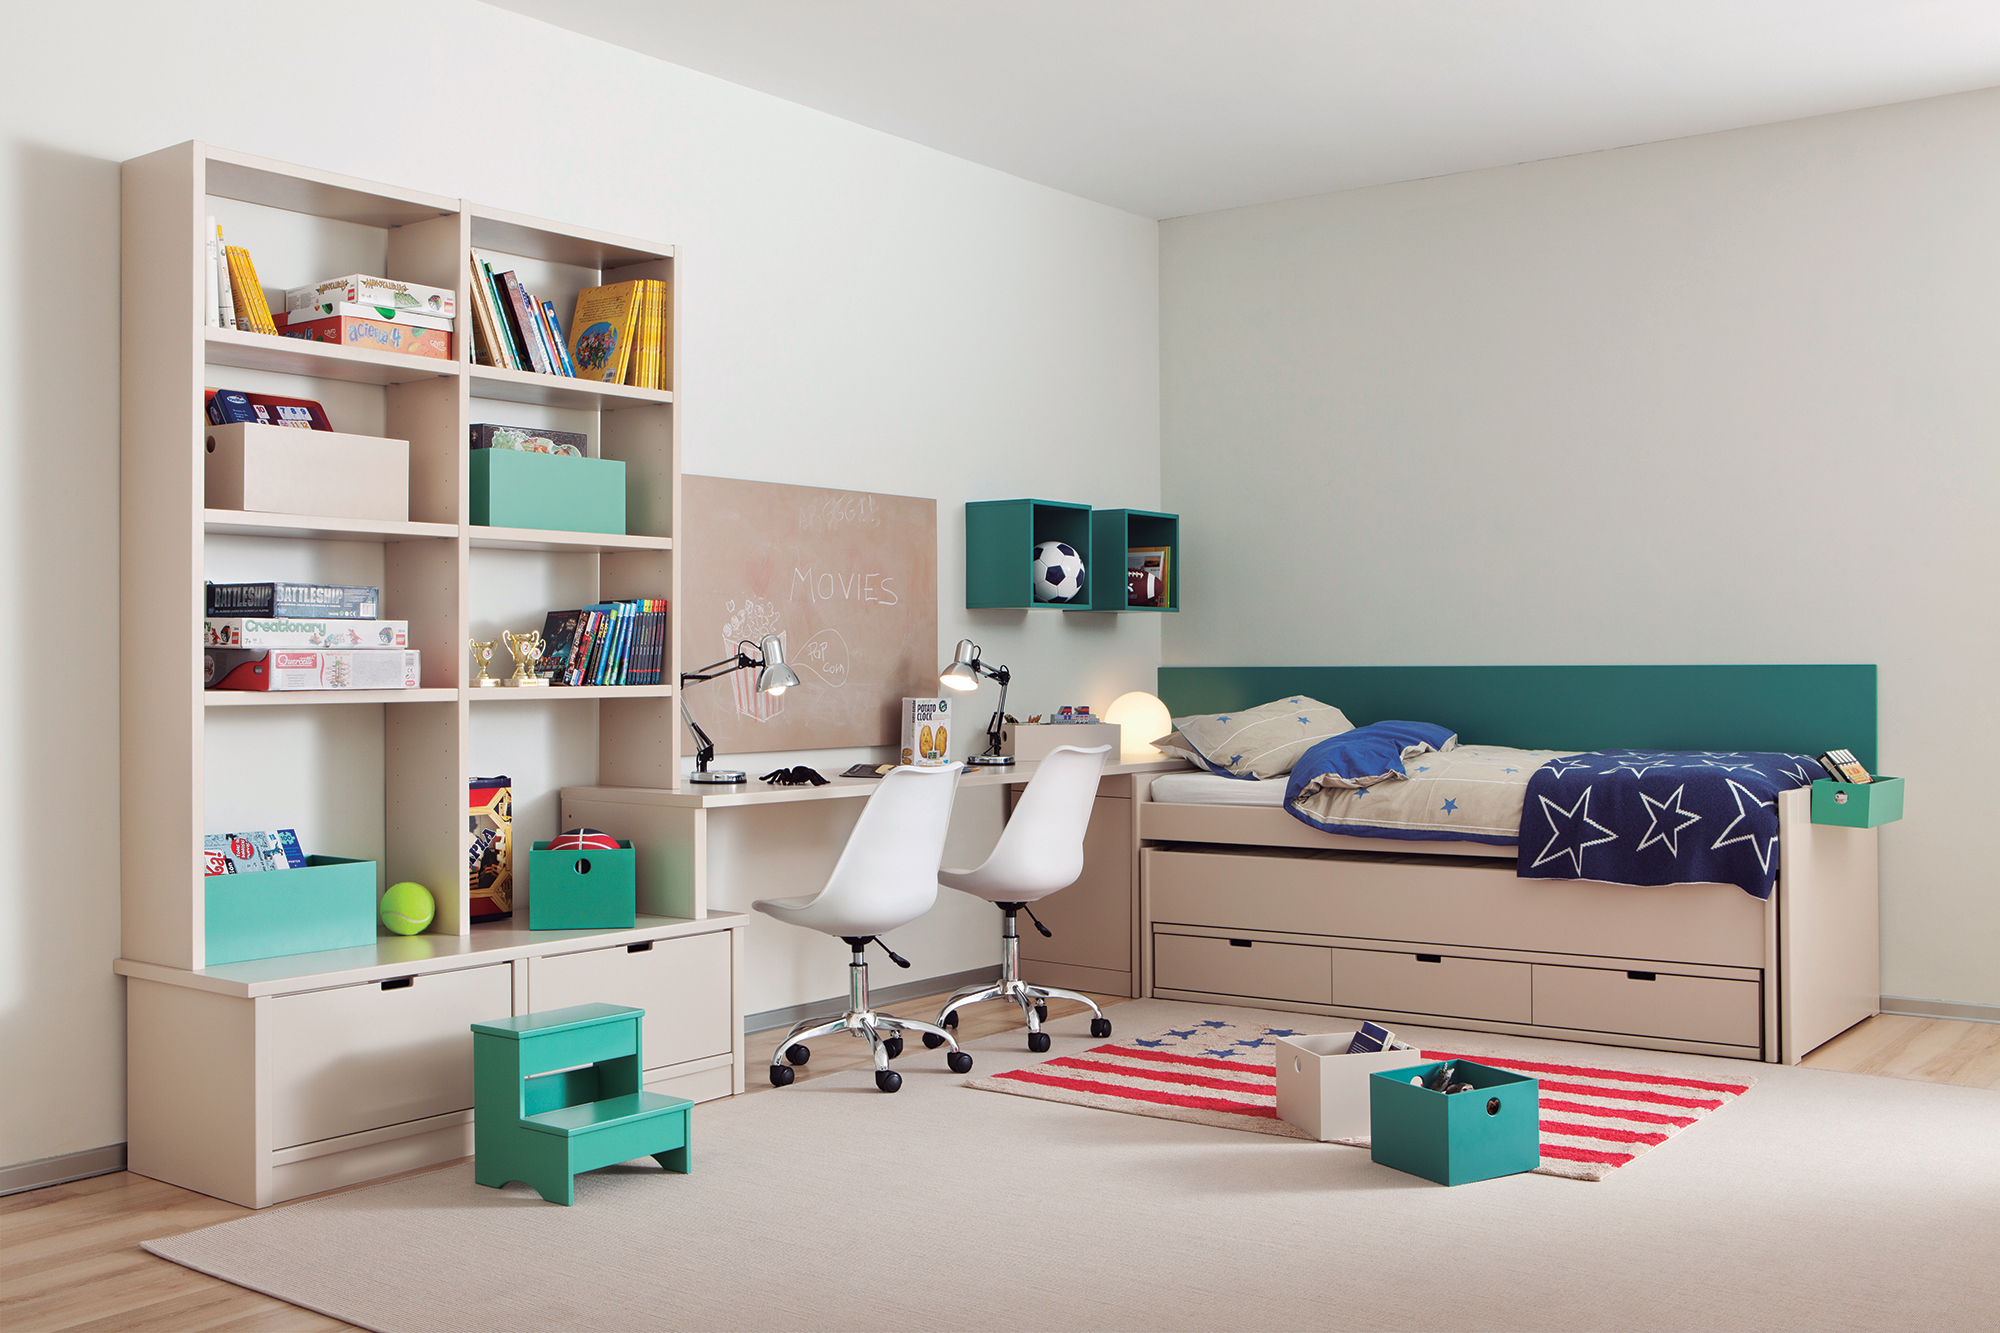 Rangement chambre enfant facile & pratique: Tous les conseils